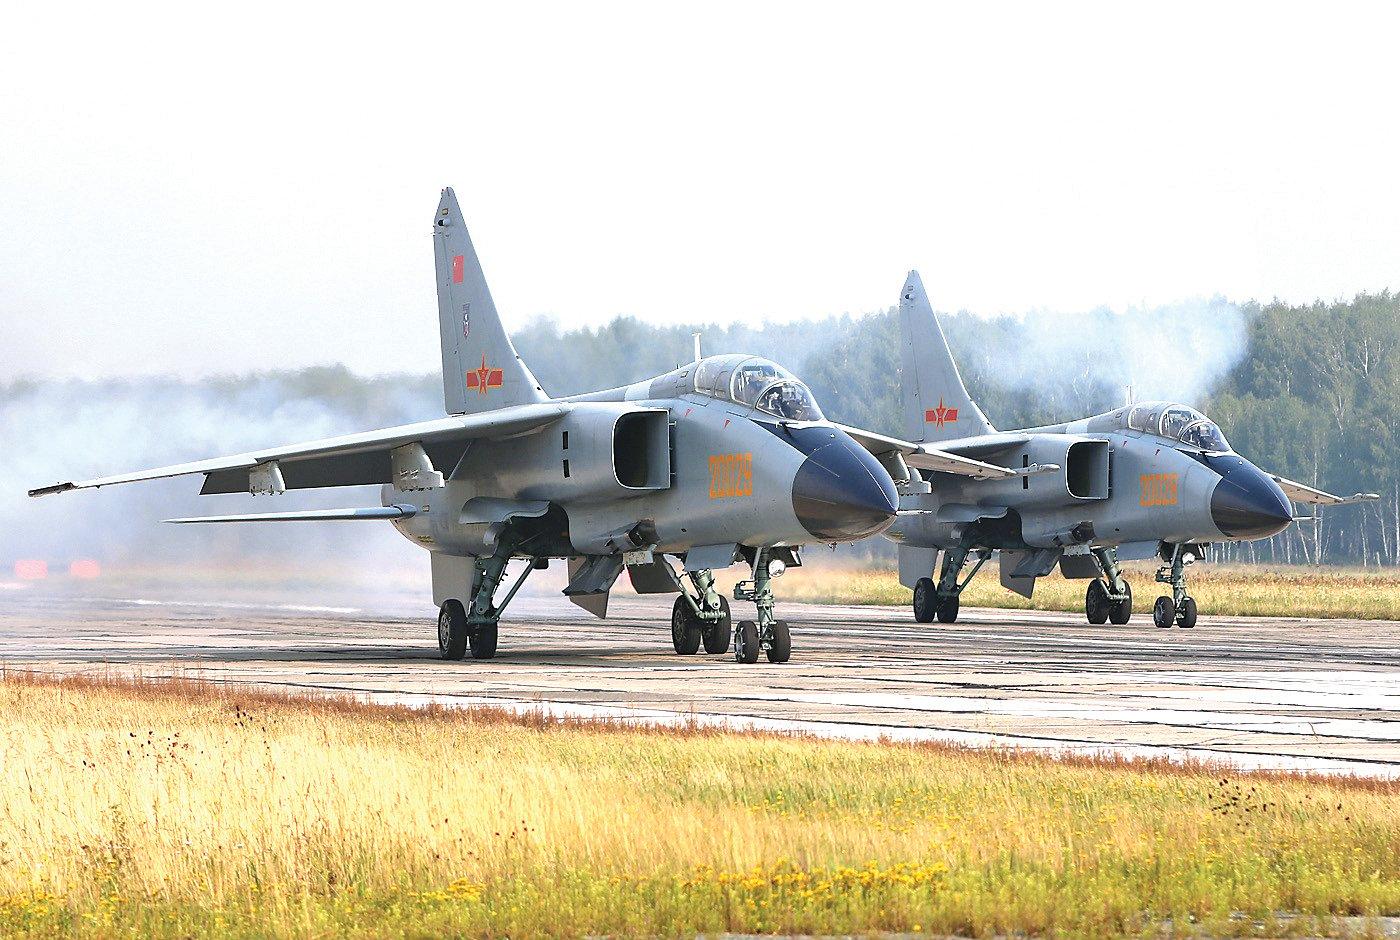 殲轟-7戰機是中共自行「研製」的機種,但品質不良,導致事故不斷。自1988年起,至少12架殲轟-7墜毀,造成至少17人死亡。(公共領域)